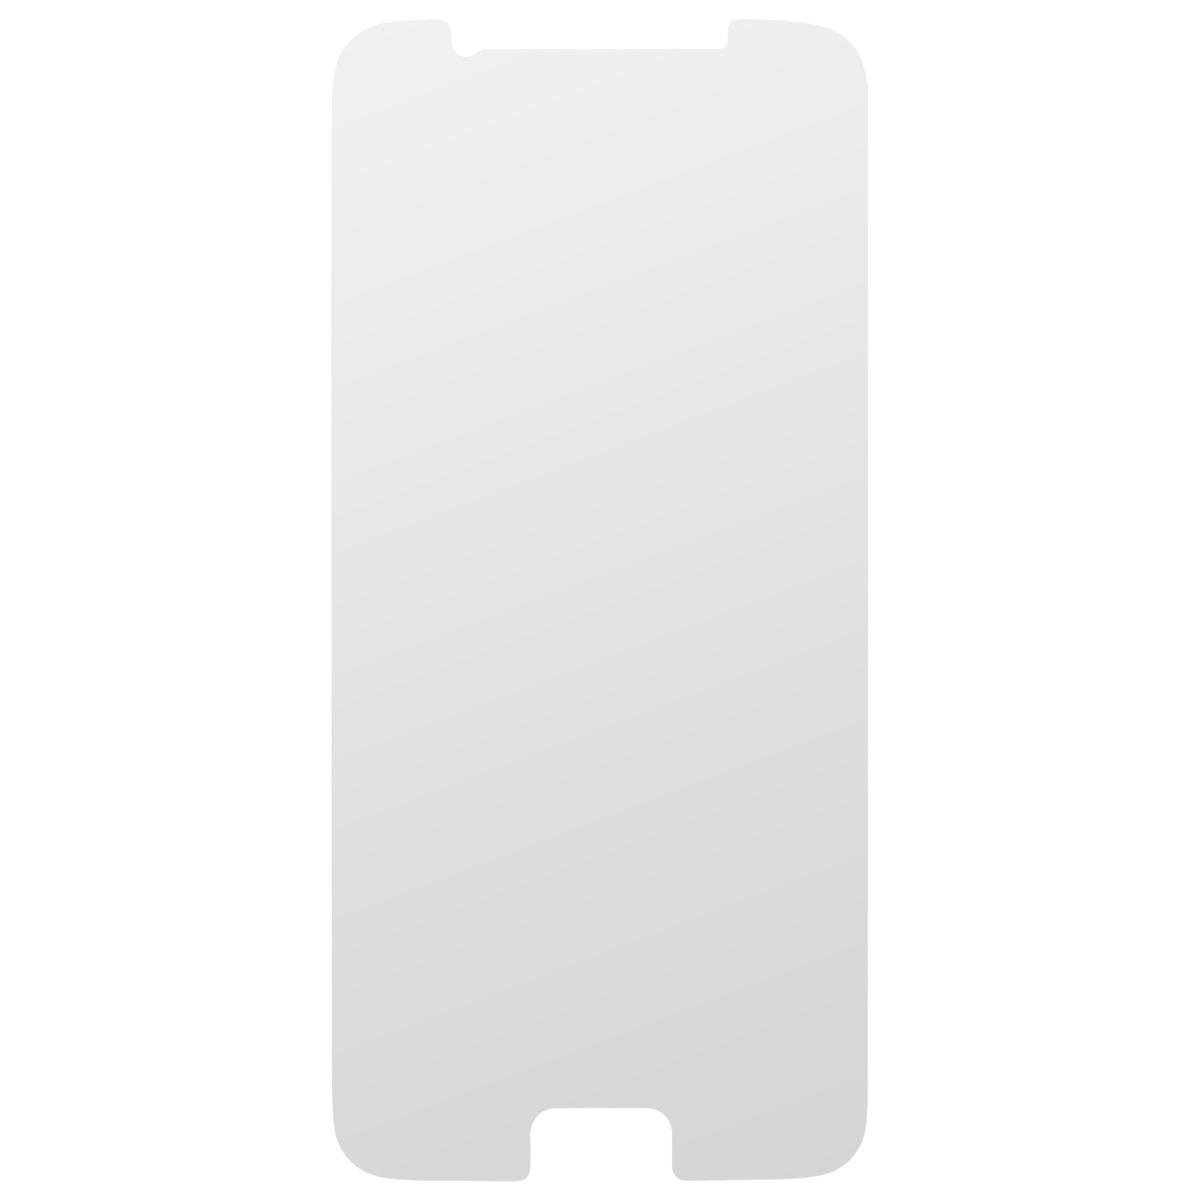 Highscreen защитное стекло для Samsung Galaxy S6, прозрачное22889Защитное стекло Highscreen для Samsung Galaxy S6 - надежная защита экрана смартфона от грязи, пыли, отпечатков пальцев и царапин. Стекло изготовлено точно по размеру экрана, отличается кристальной прозрачностью и имеет все необходимые прорези.